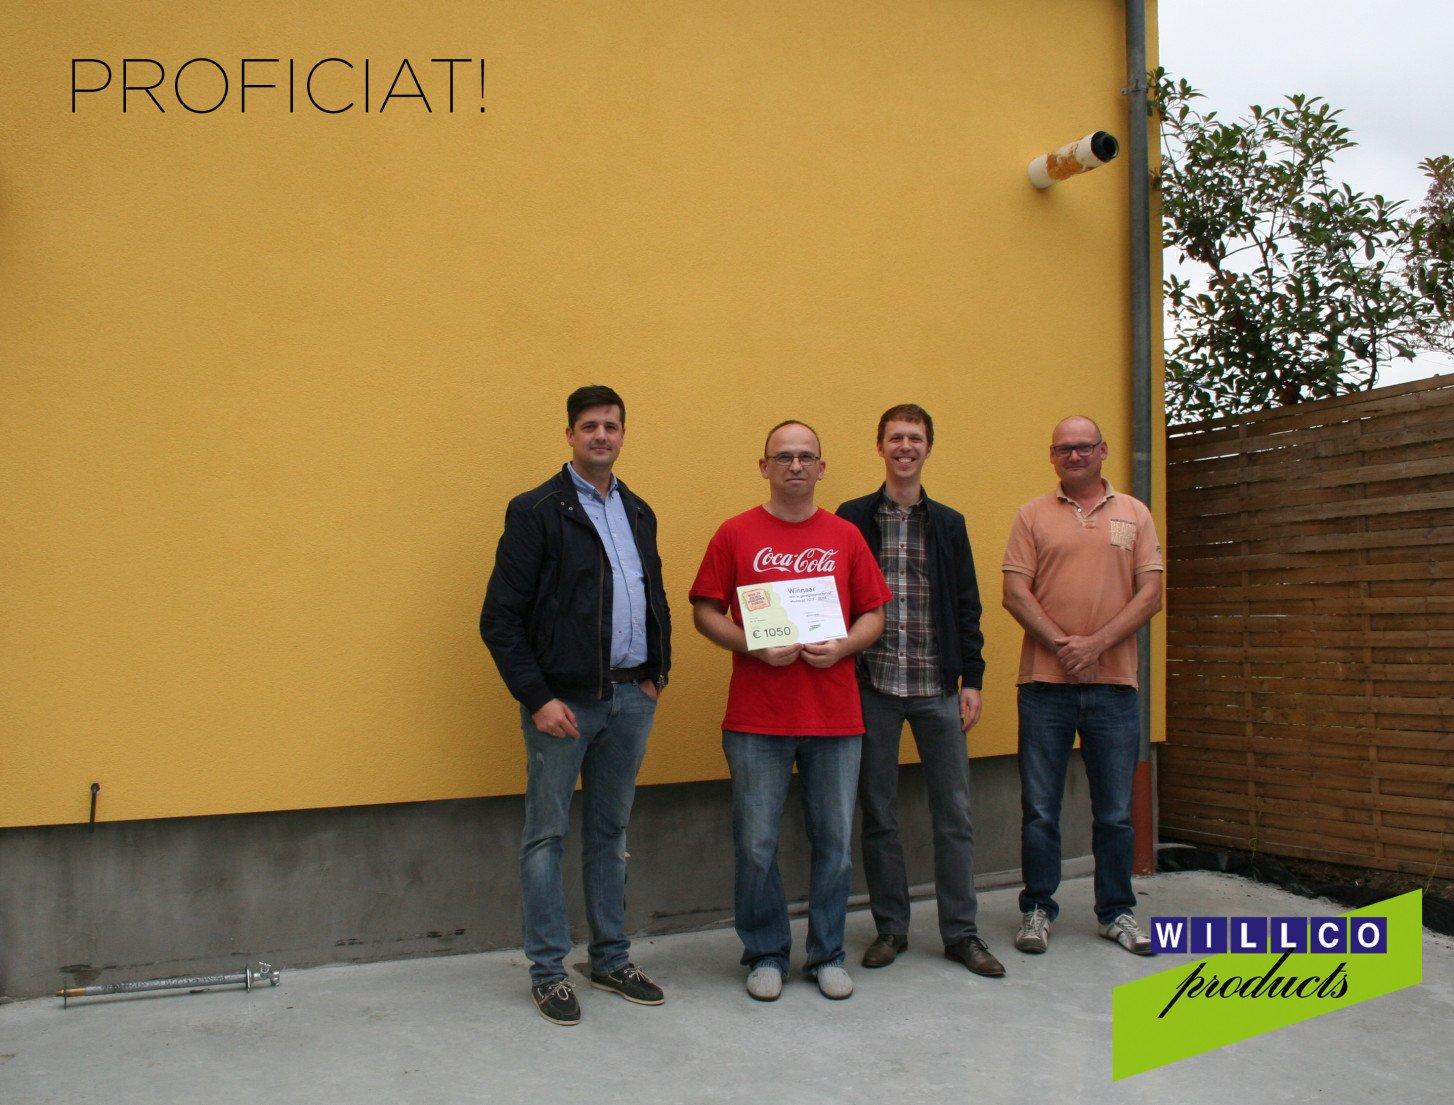 IMG_1460_proficiat